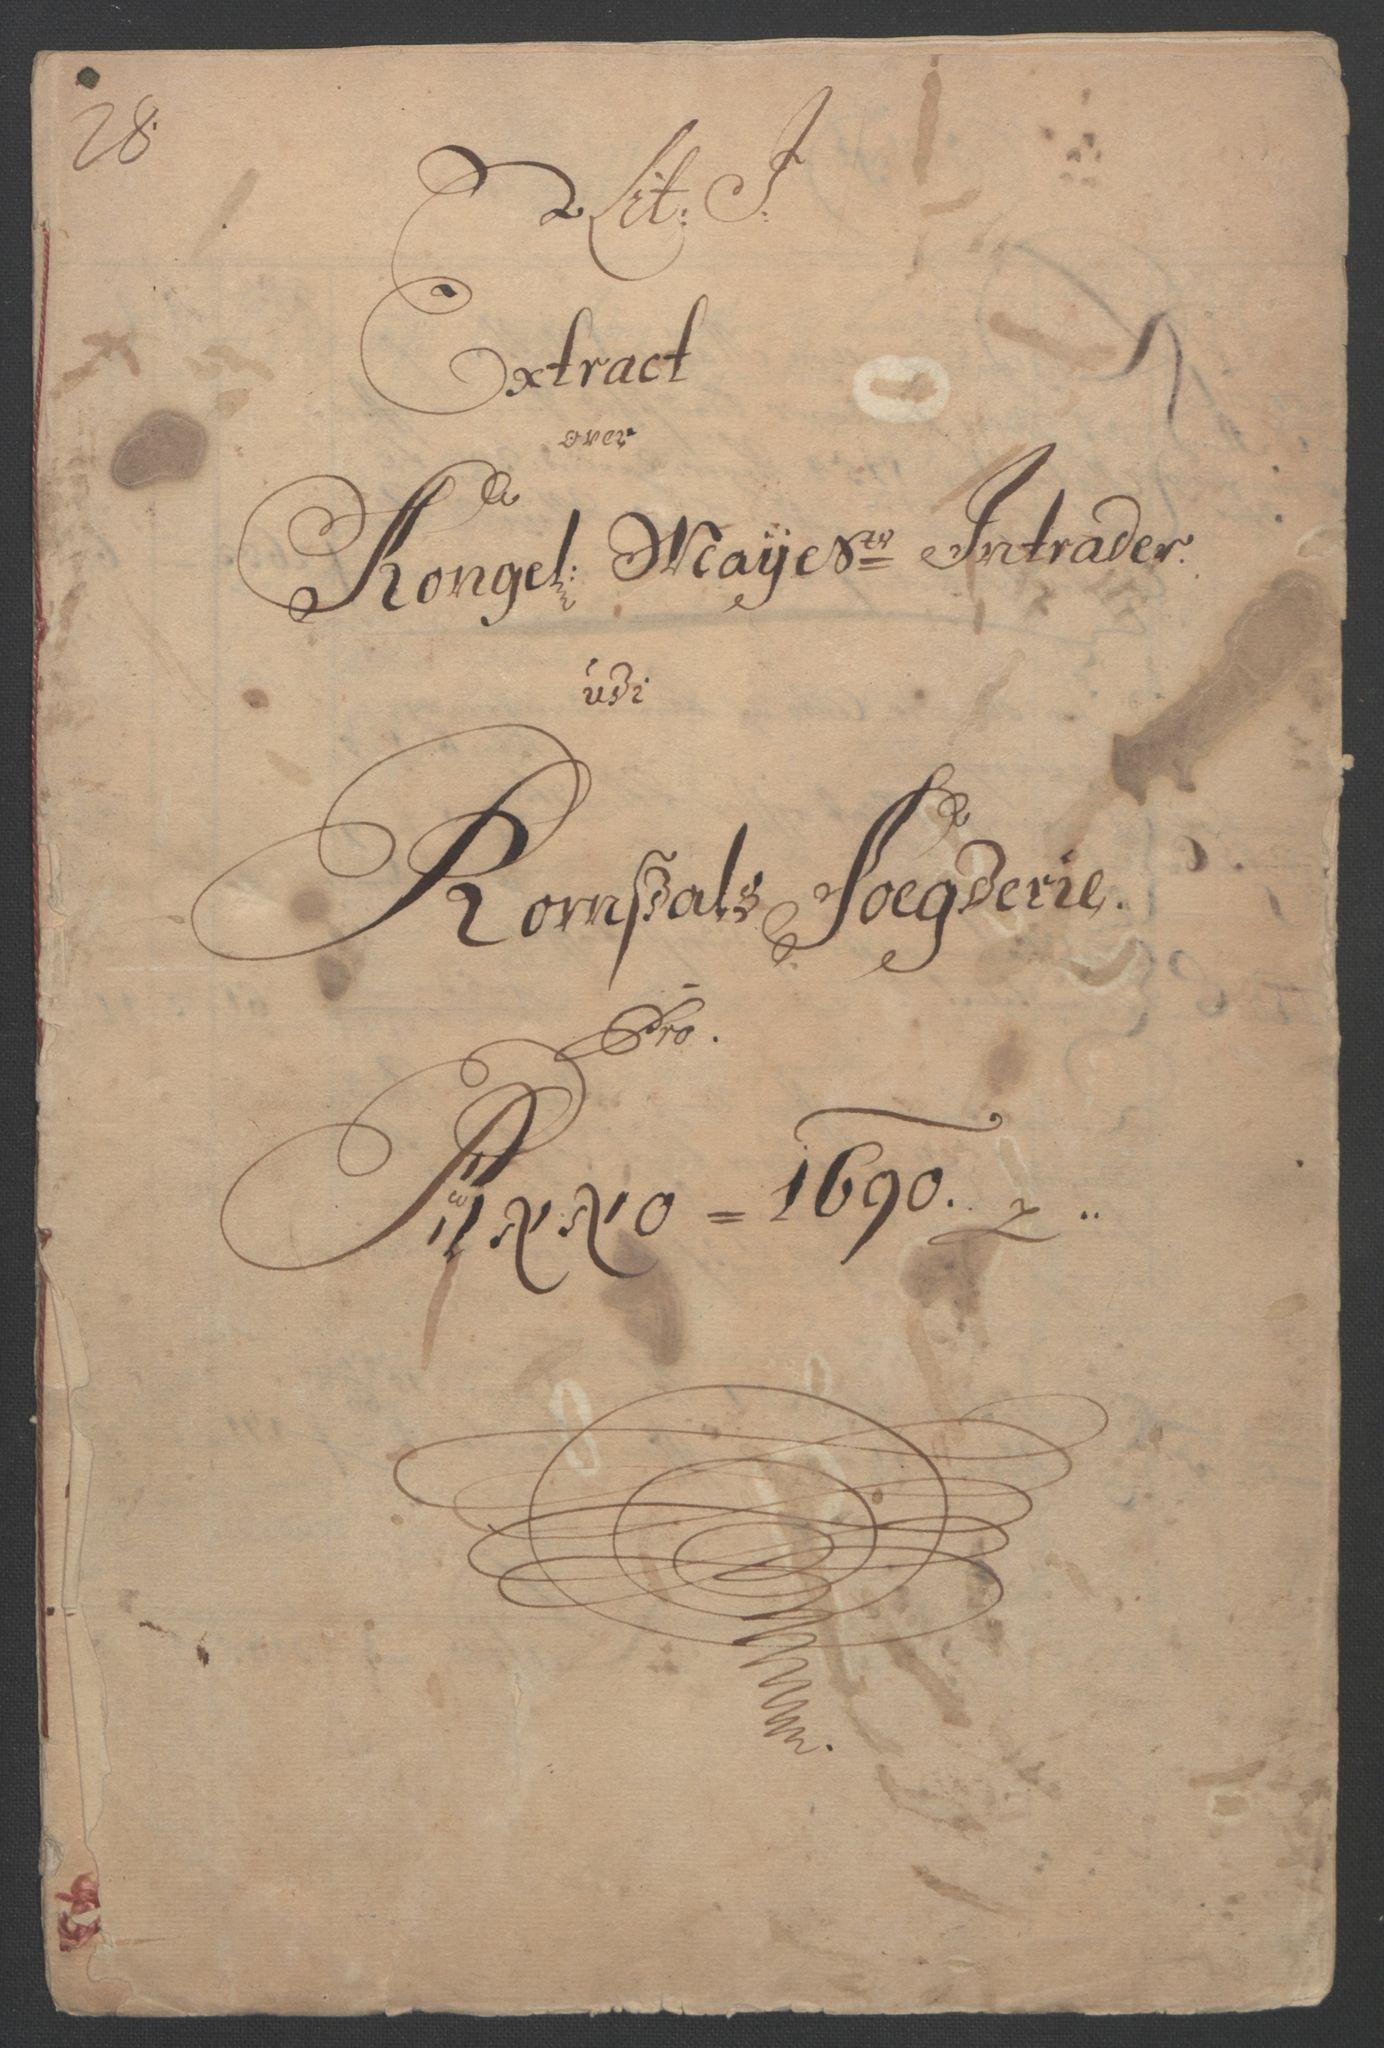 RA, Rentekammeret inntil 1814, Reviderte regnskaper, Fogderegnskap, R55/L3649: Fogderegnskap Romsdal, 1690-1691, s. 3